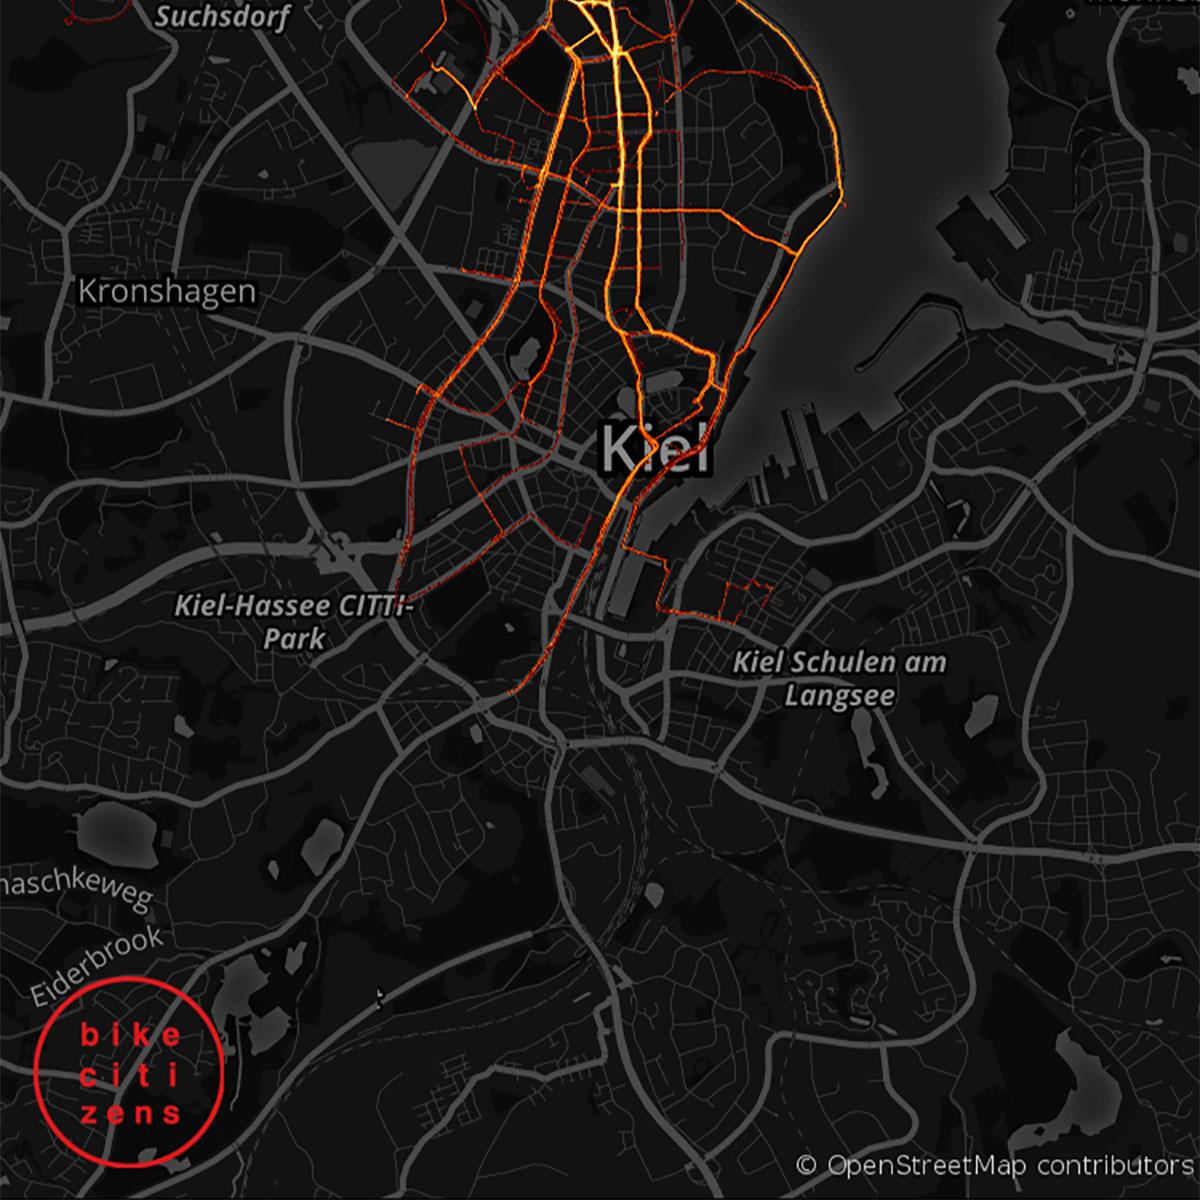 """Hauke sin heatmap uun Kiel, so üüs at app """"Bike Citzens"""" det ütjden hee – nian hiamelkhaiden heer (app export)"""